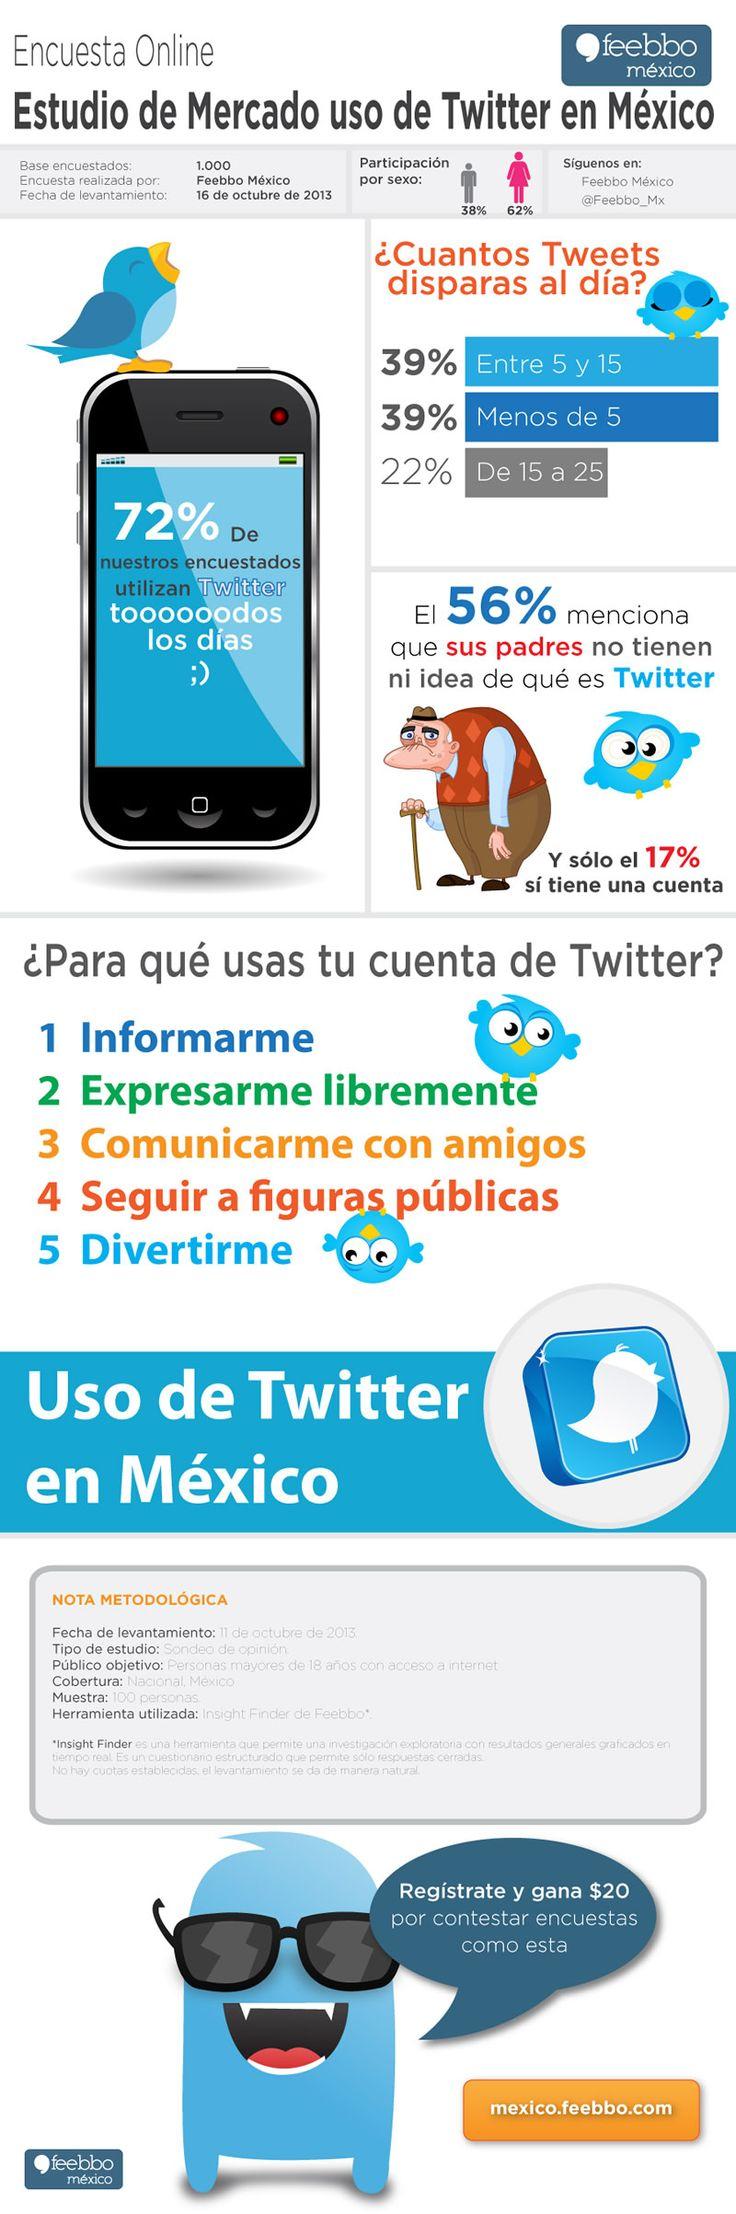 El uso de Twitter en Mexico